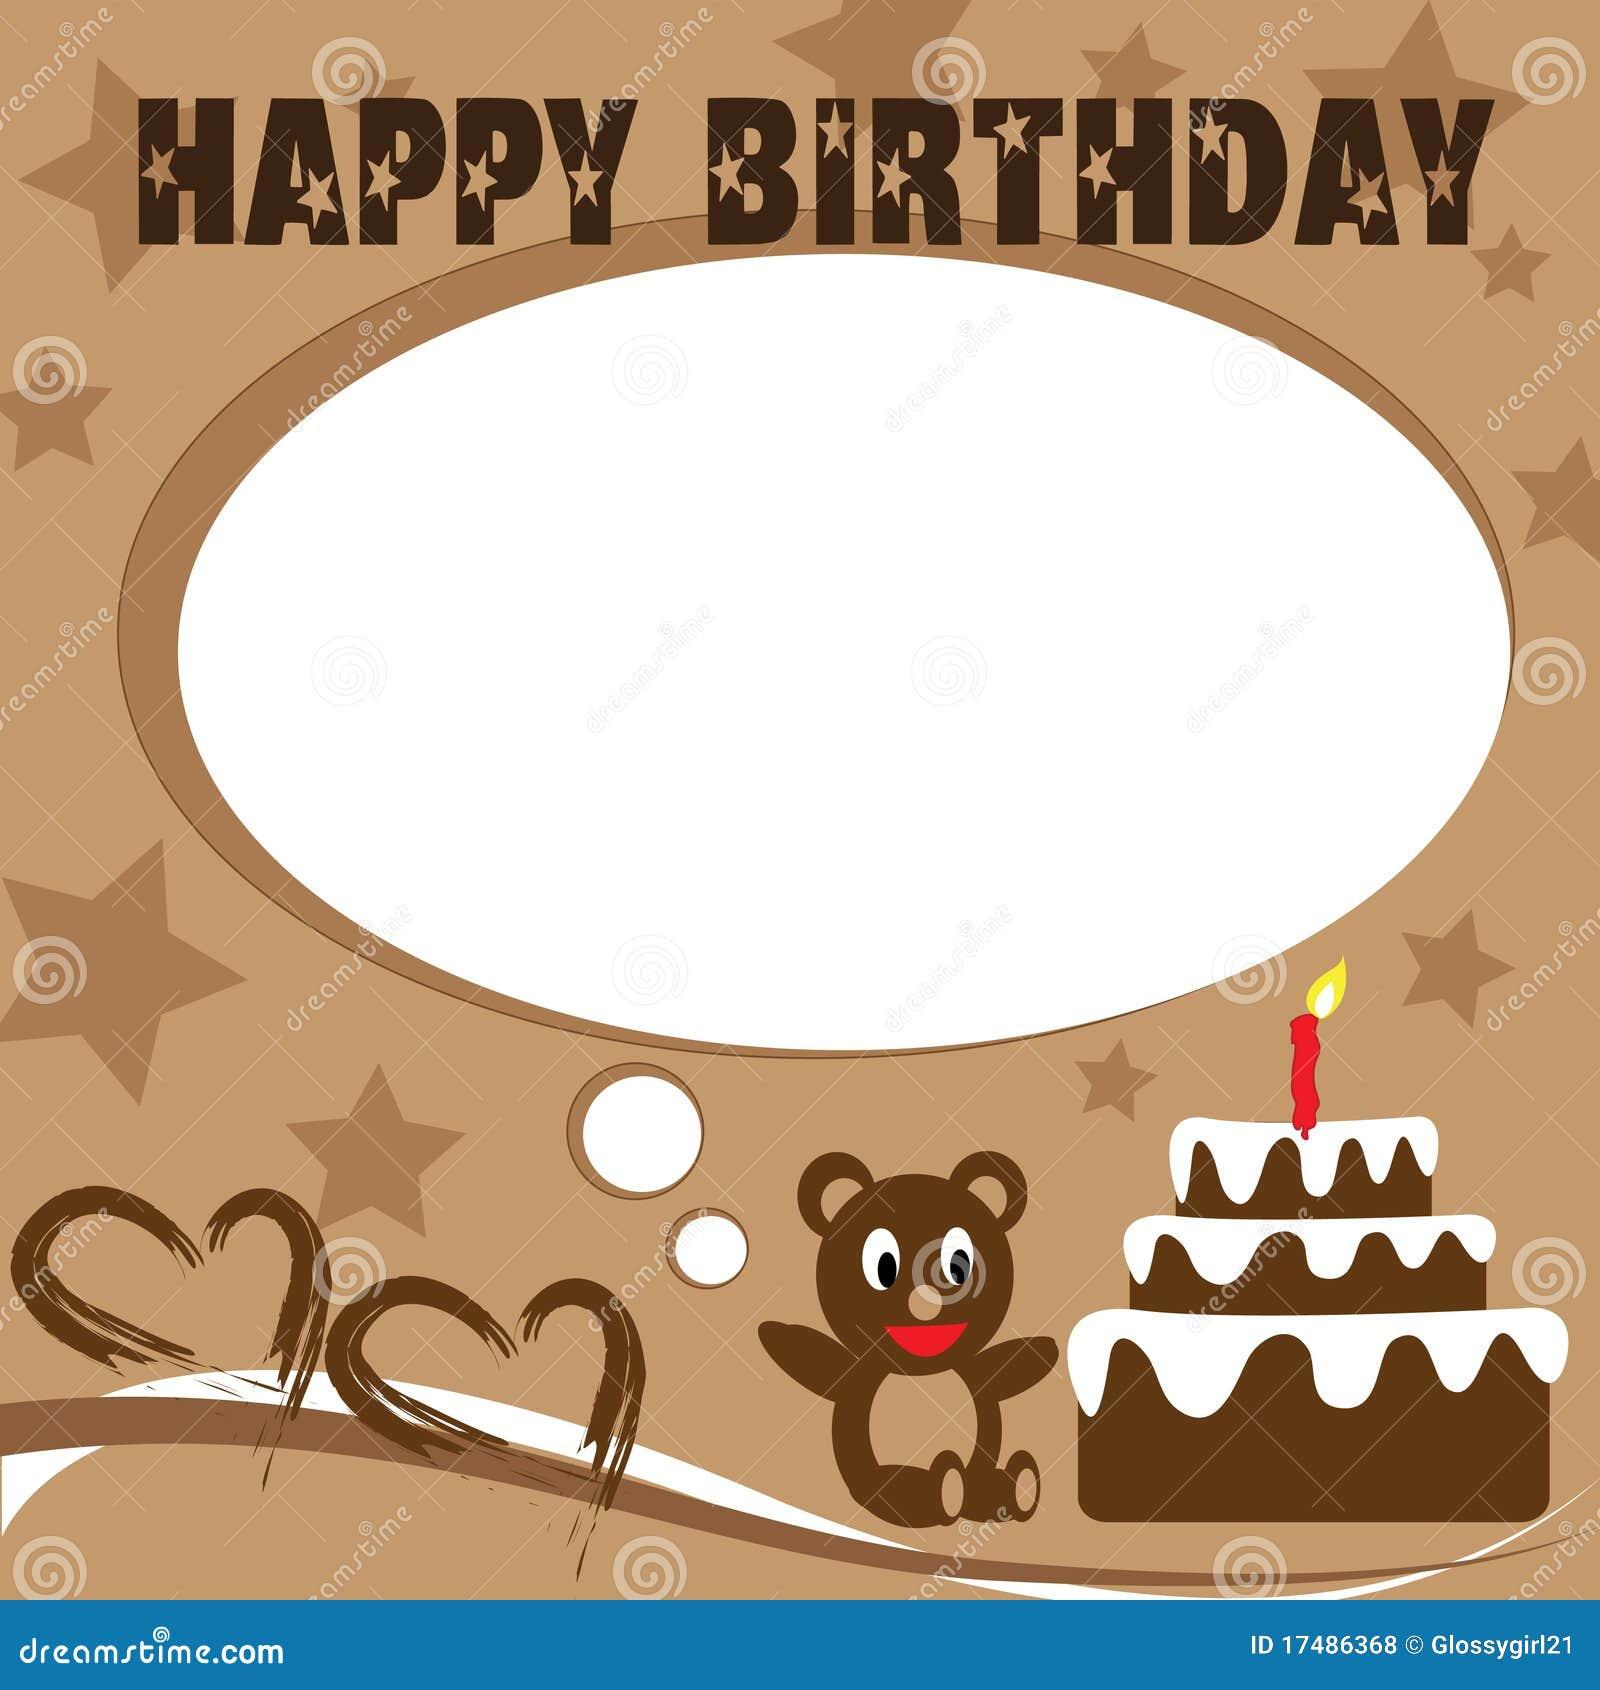 Blue Birthday Card With Teddy Bear Vector Image 74543896 – Birthday Card Bear